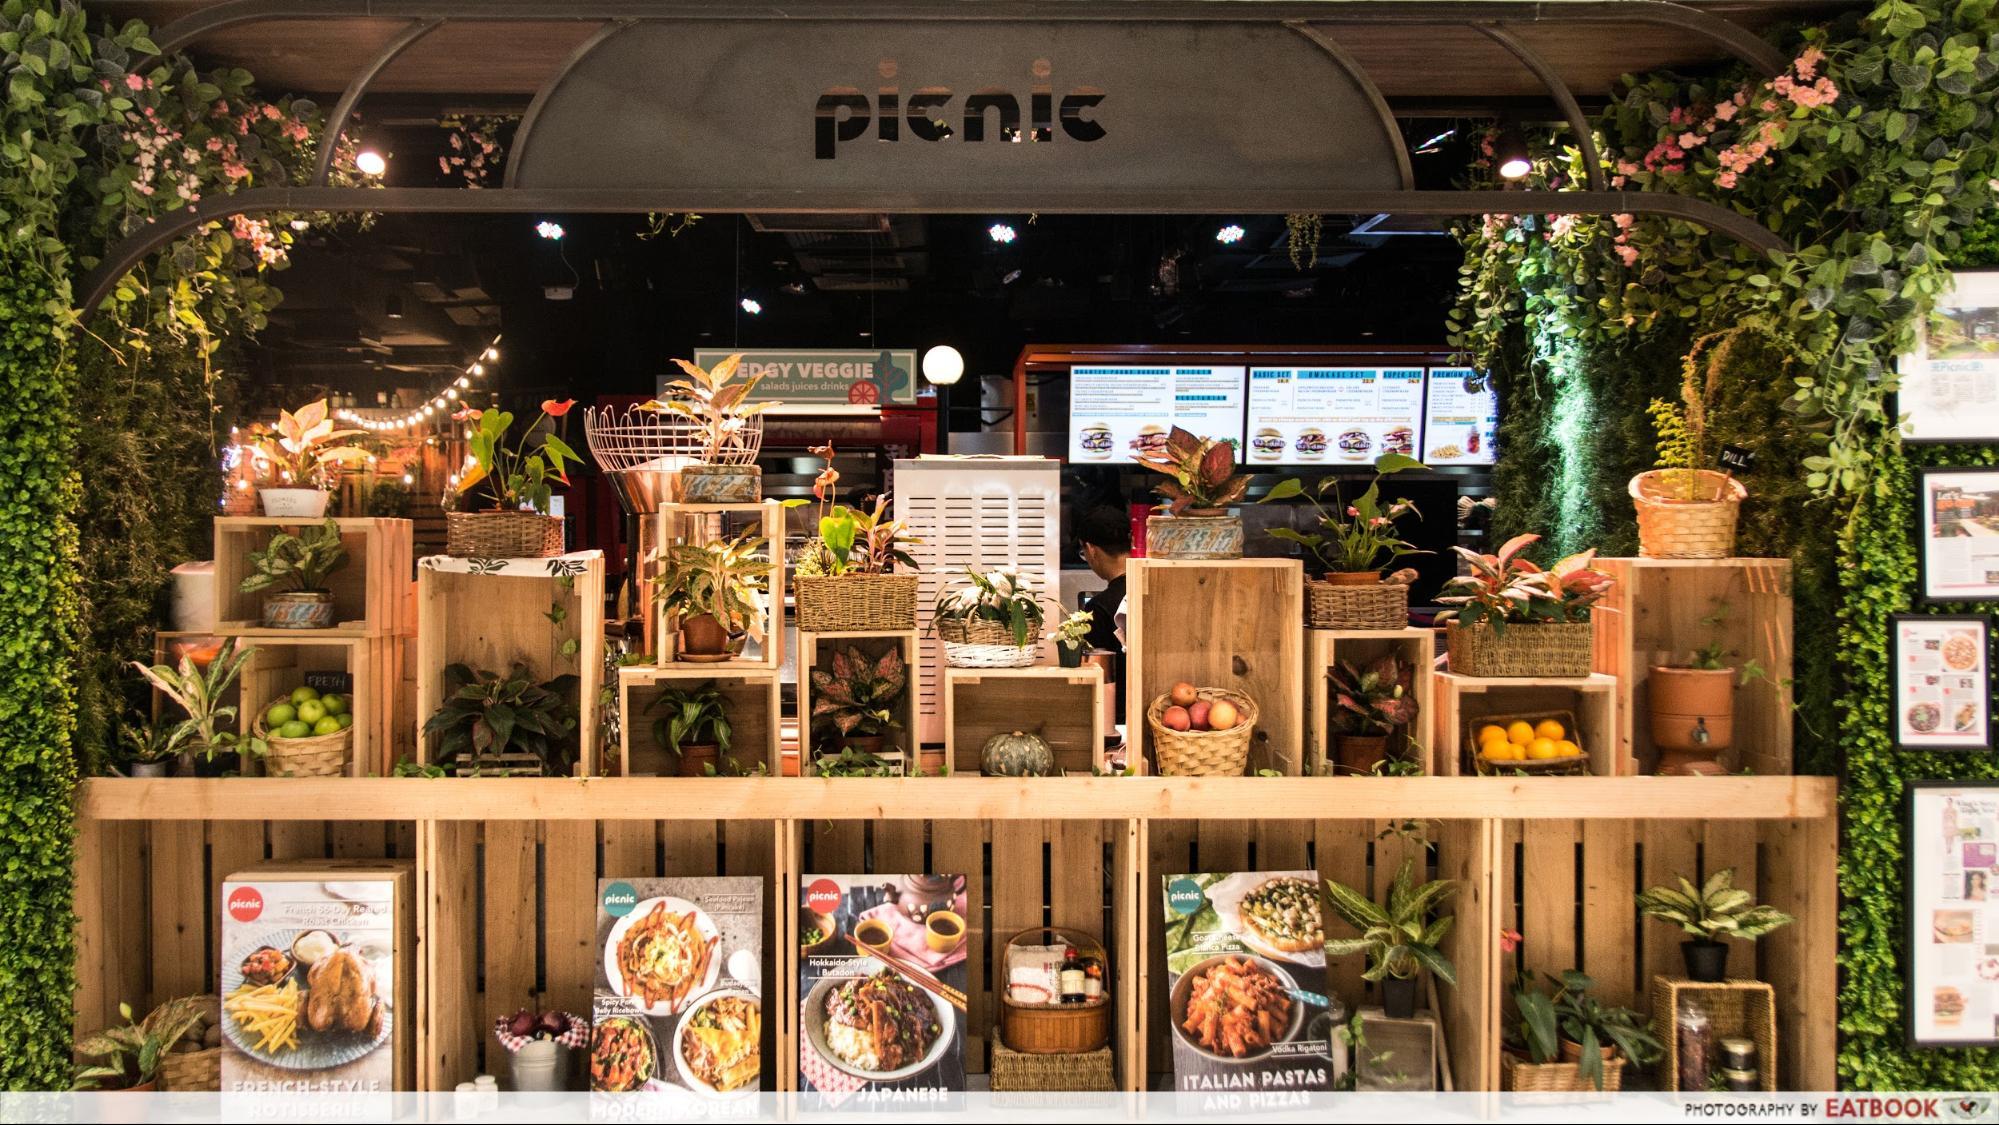 Ezo-Hokkaido Eats - picnic